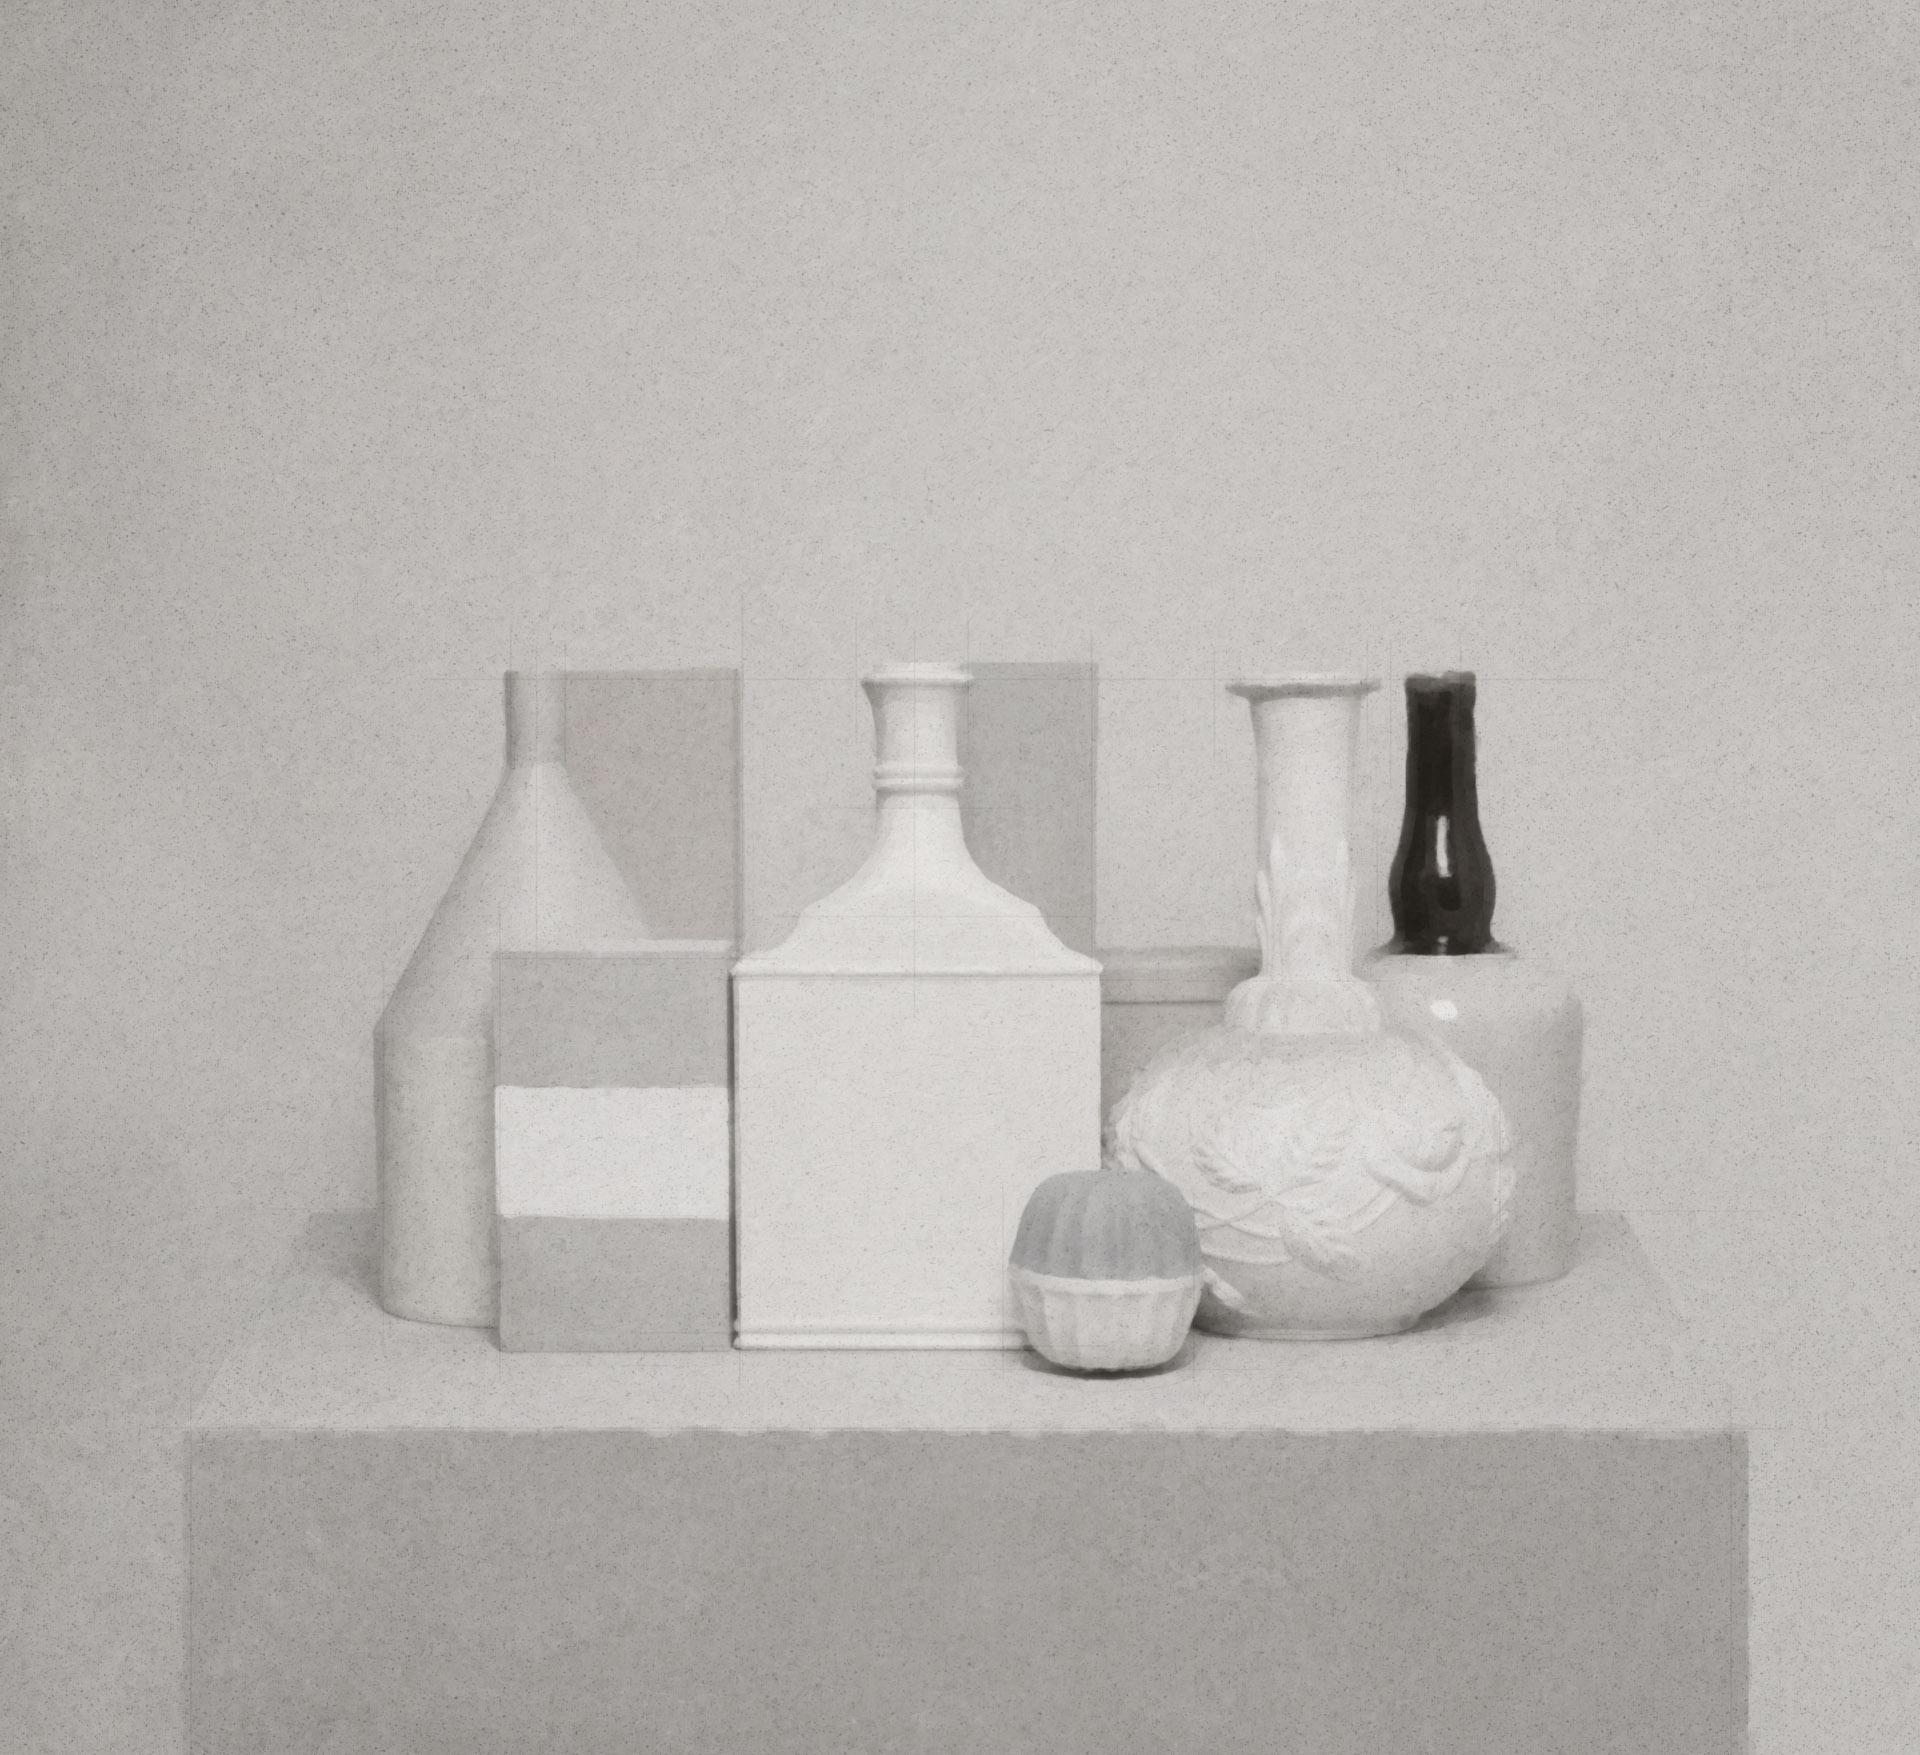 Morandi on a Pedestal 181